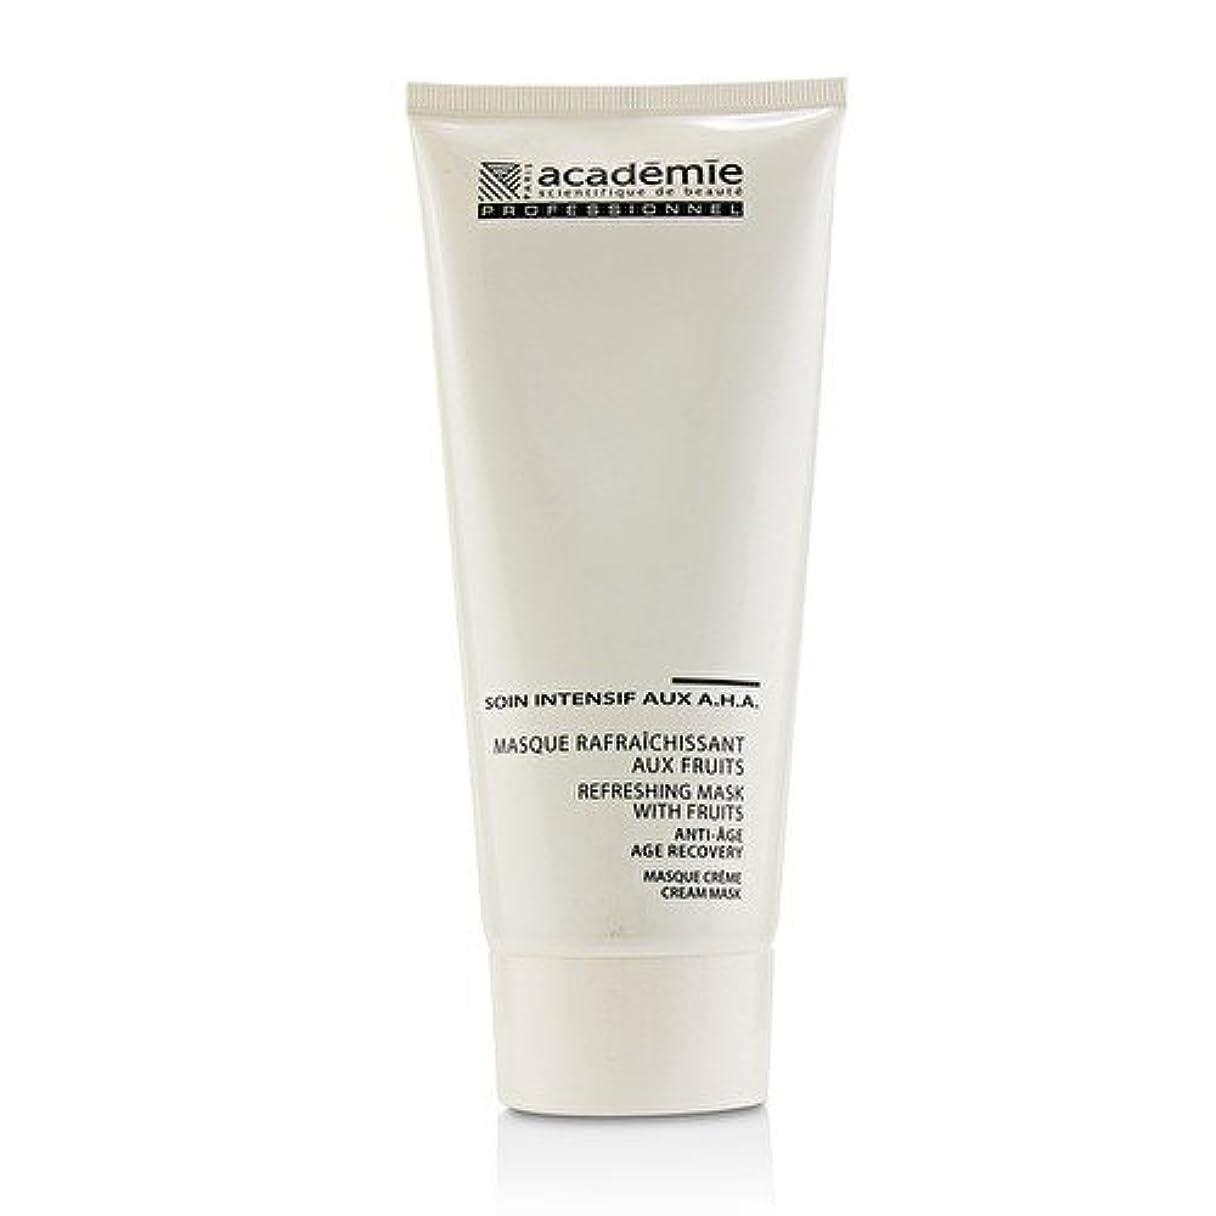 真っ逆さま減るシリンダーアカデミー Refreshing Mask With Fruits Age Recovery Cream Mask (Salon Size) 200ml/6.7oz並行輸入品